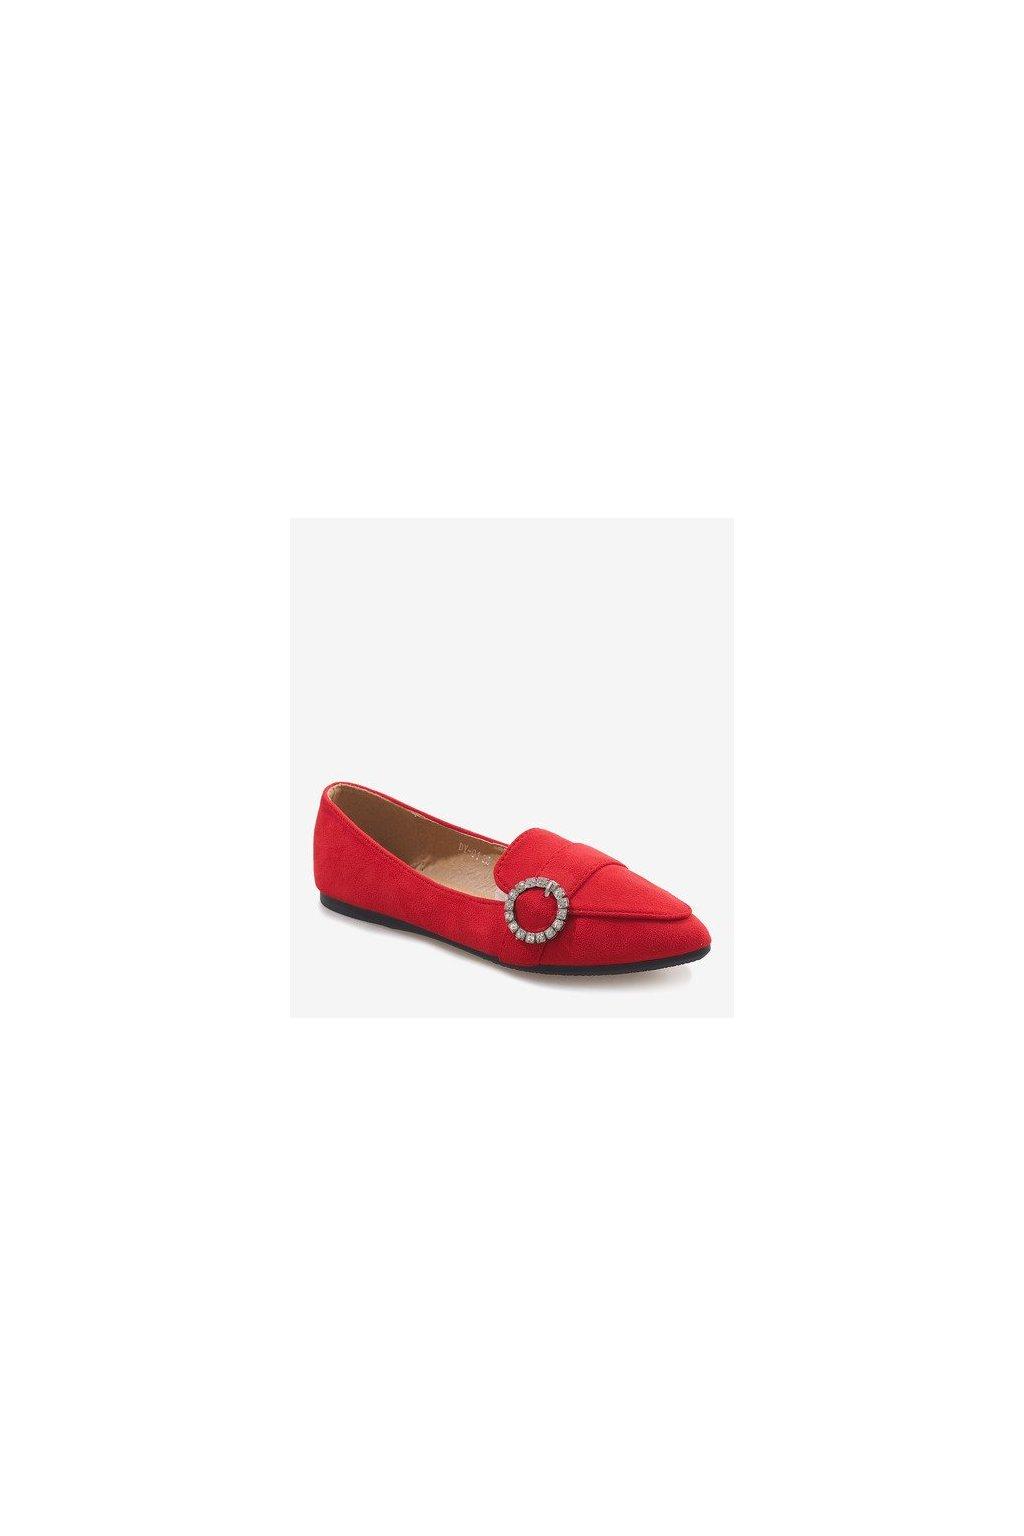 Dámske topánky mokasíny červené kód DY-01 R - GM